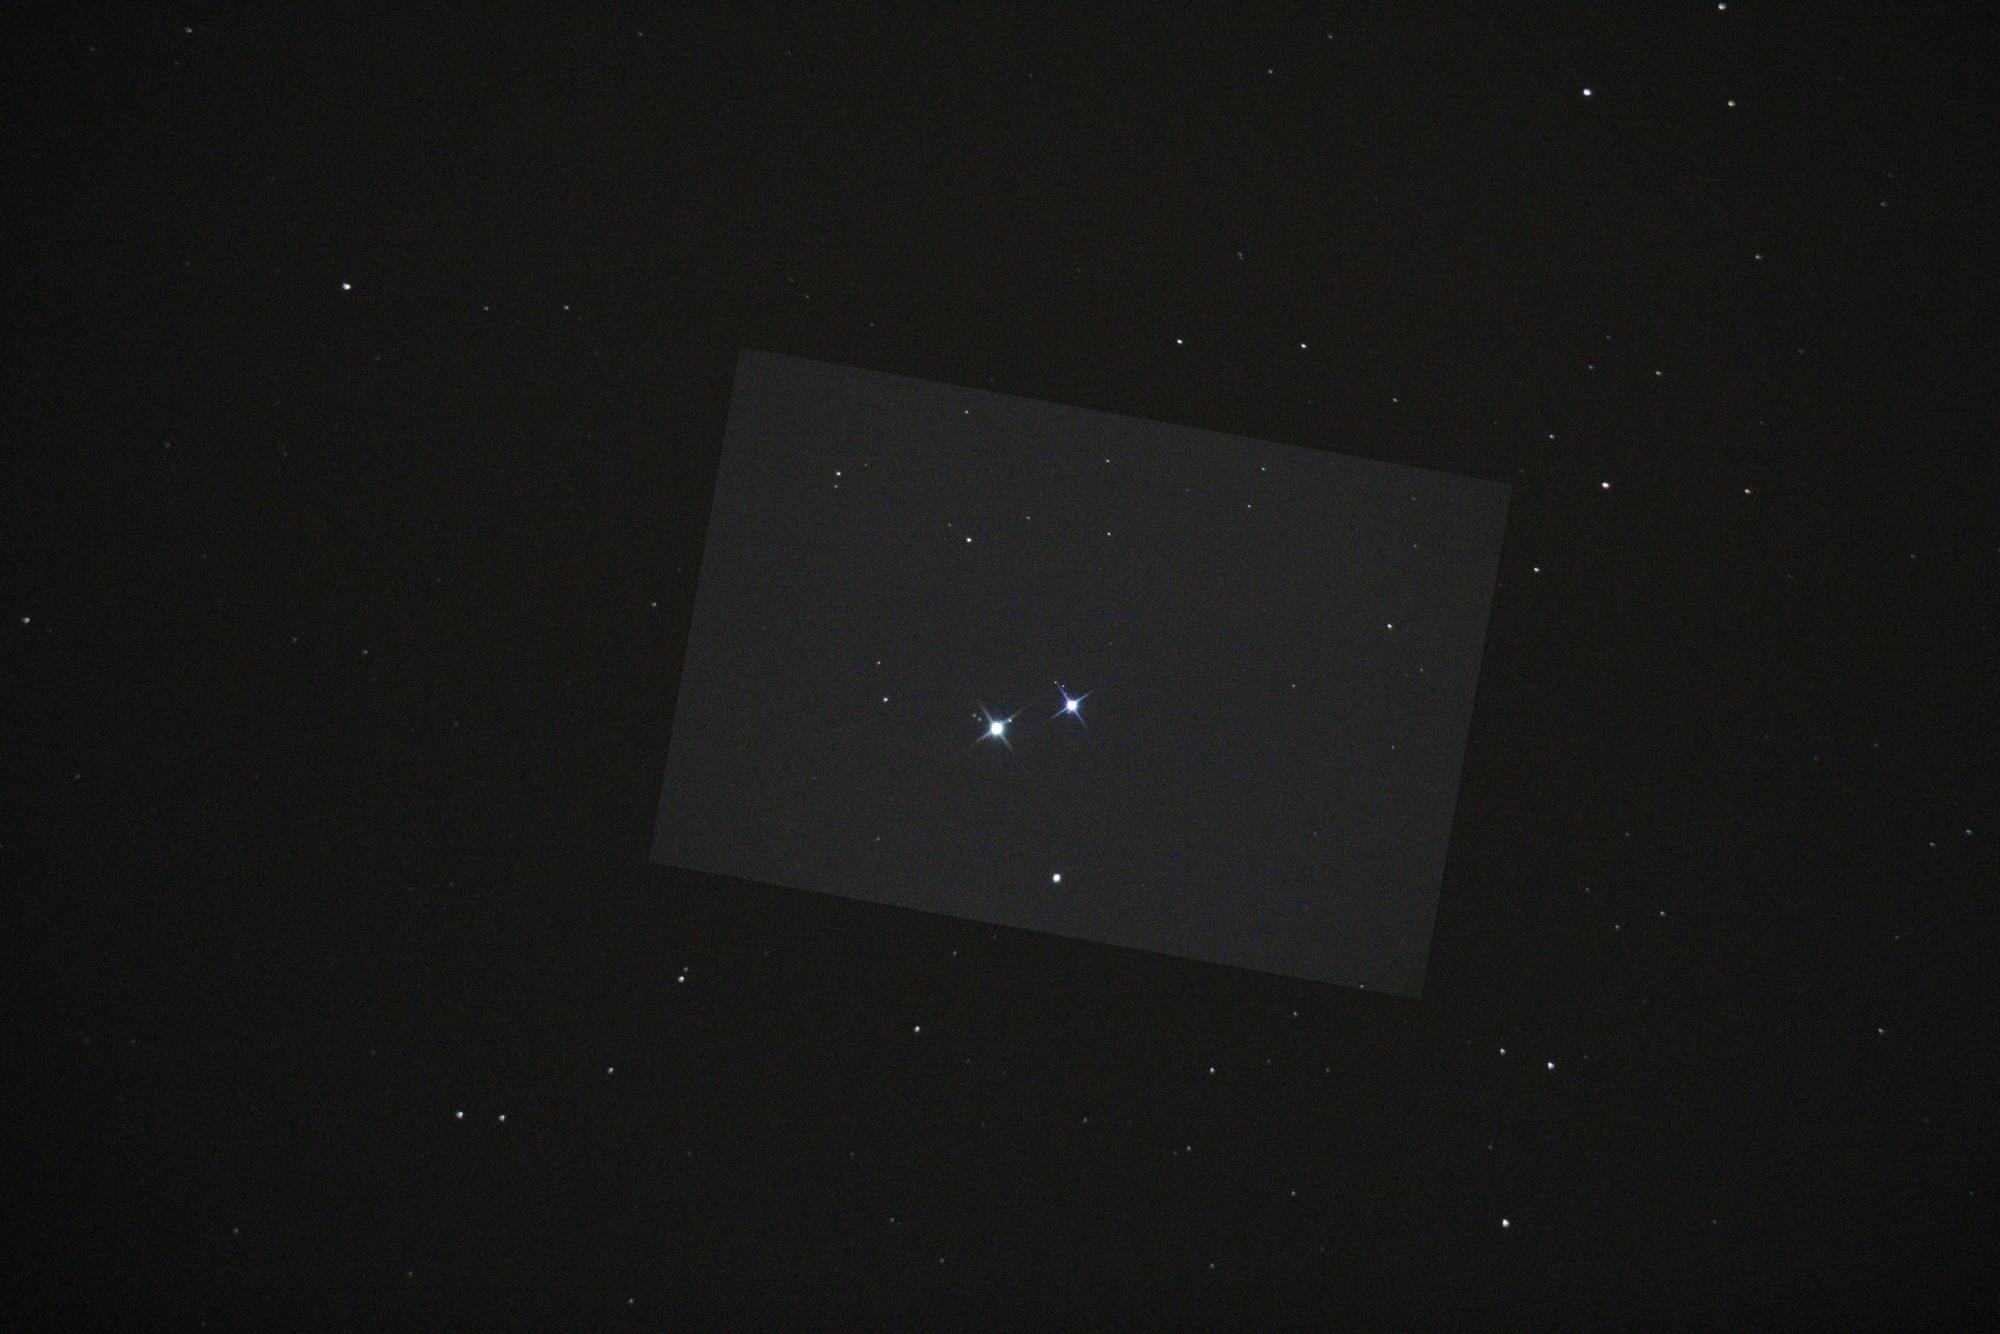 5f84c77c3c830_Uranus20et22septembre202023h40TUet03H46TU9699B3send.thumb.jpg.bc9ce6c0a330e84a7ae8aaa643fac241.jpg